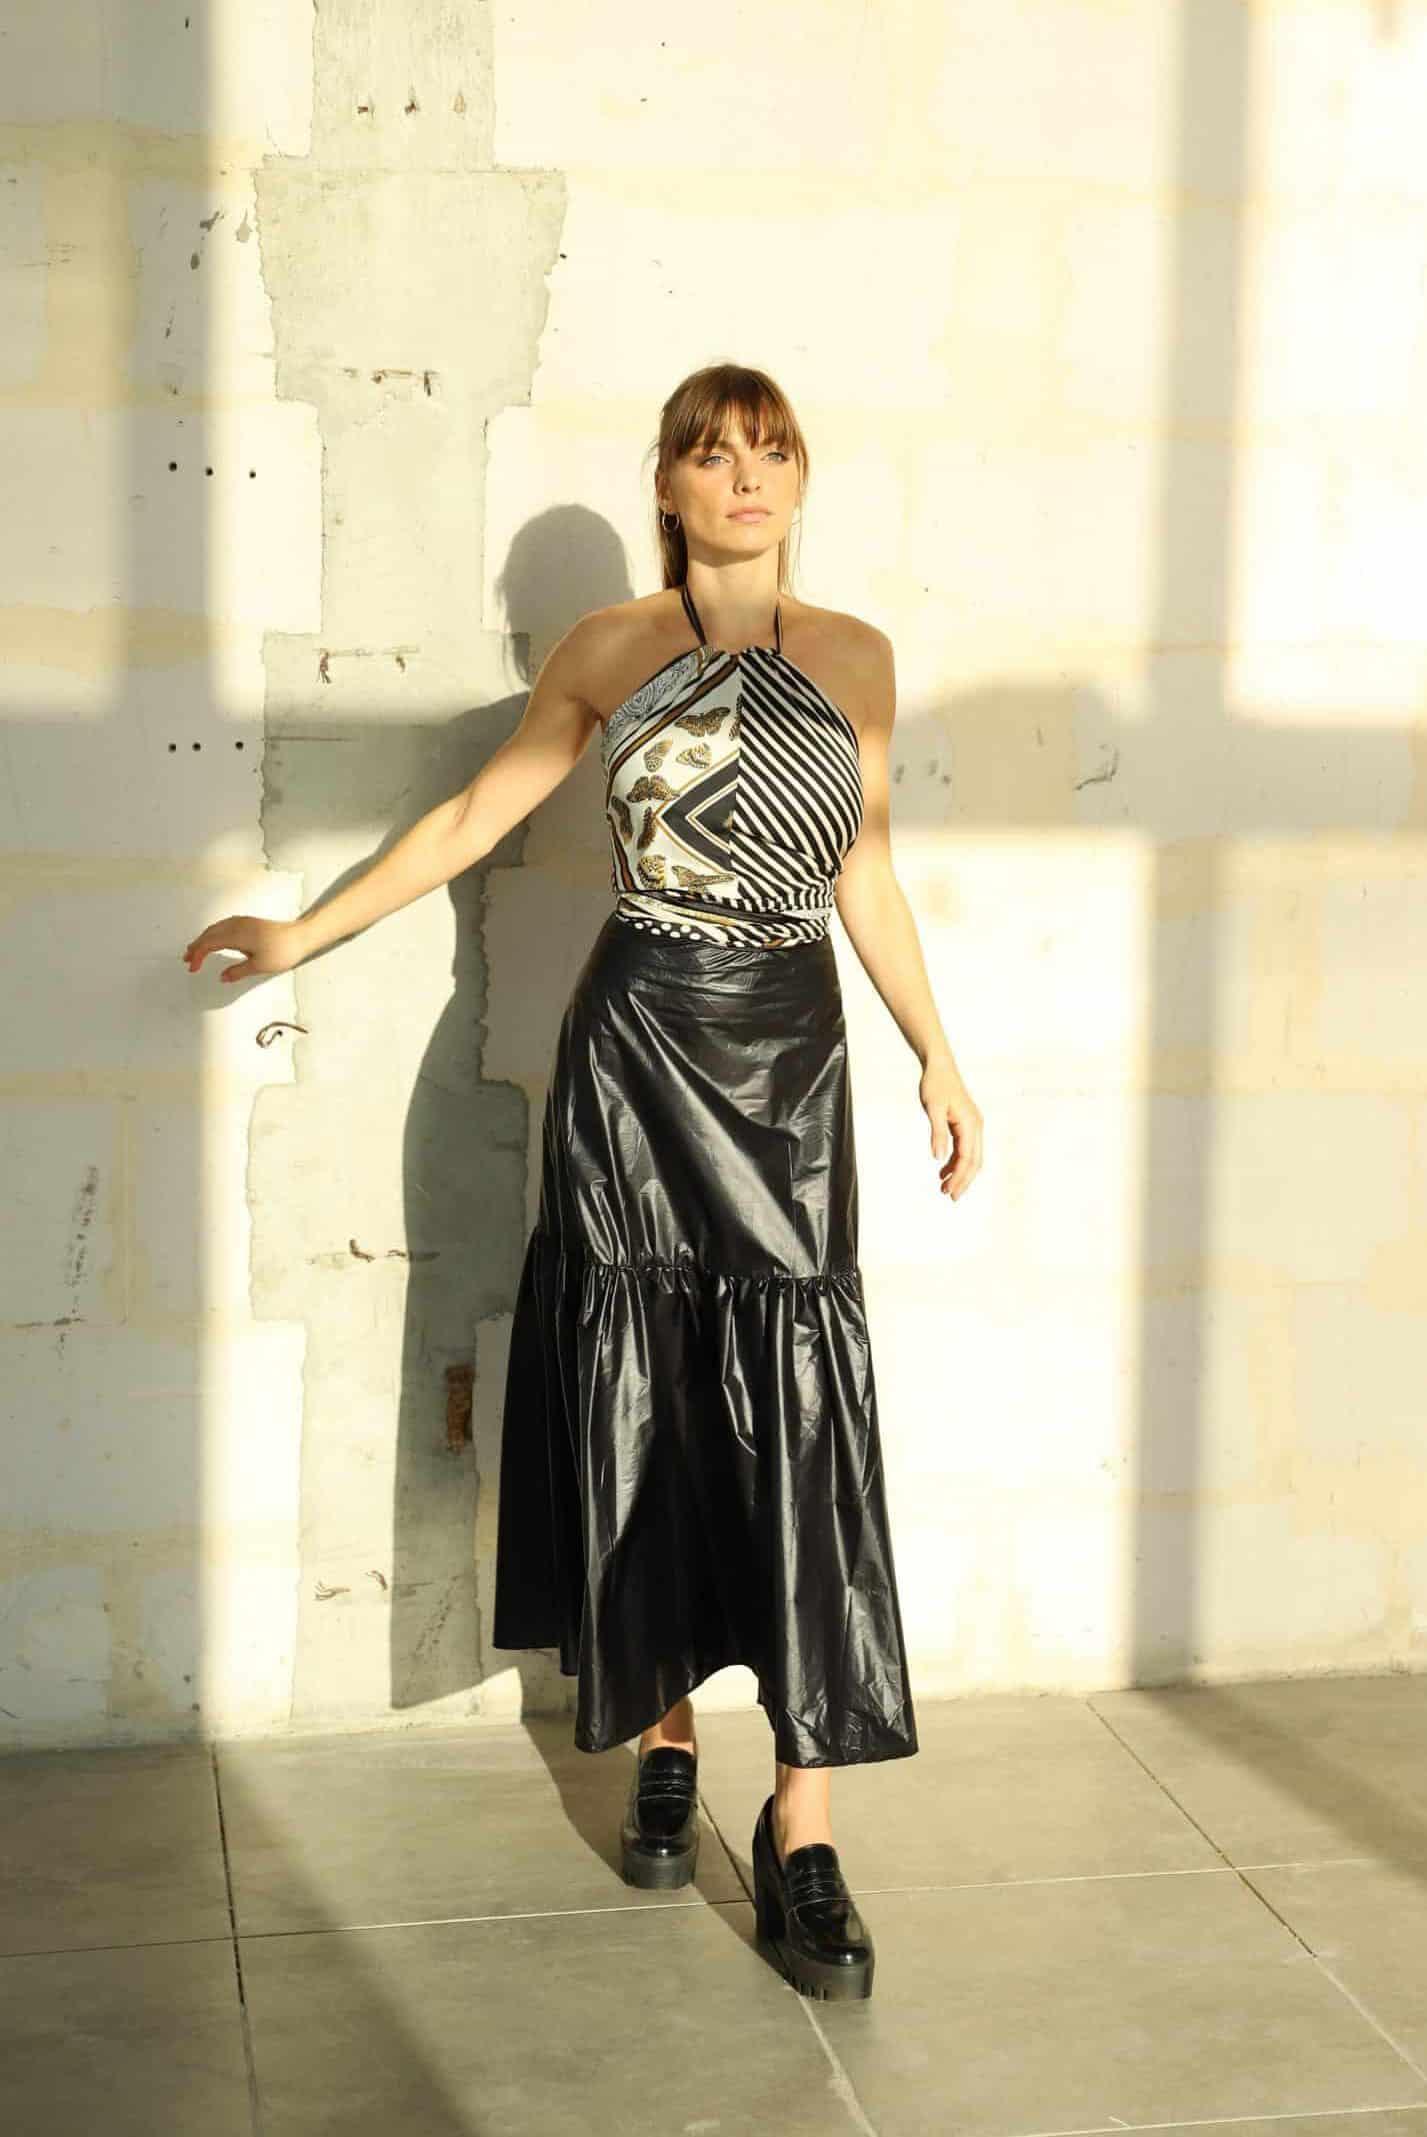 אופנה איטלקית